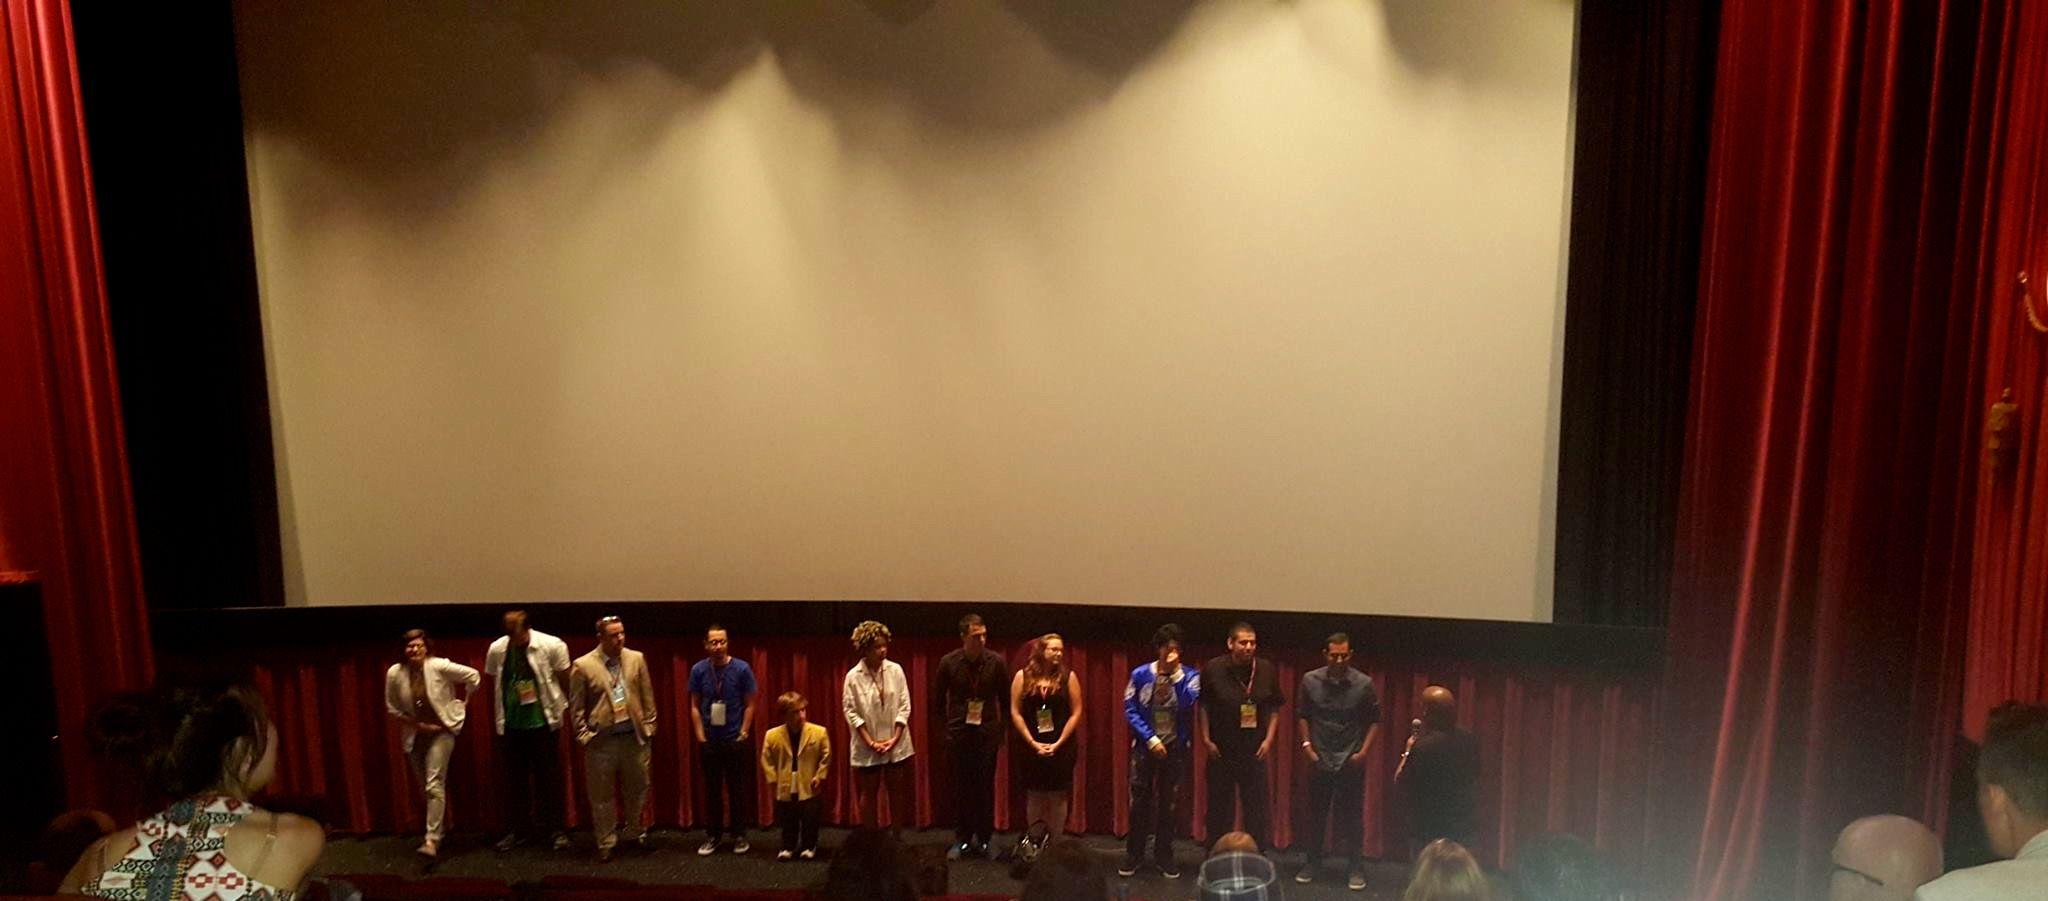 Director Michael Weinstein screening